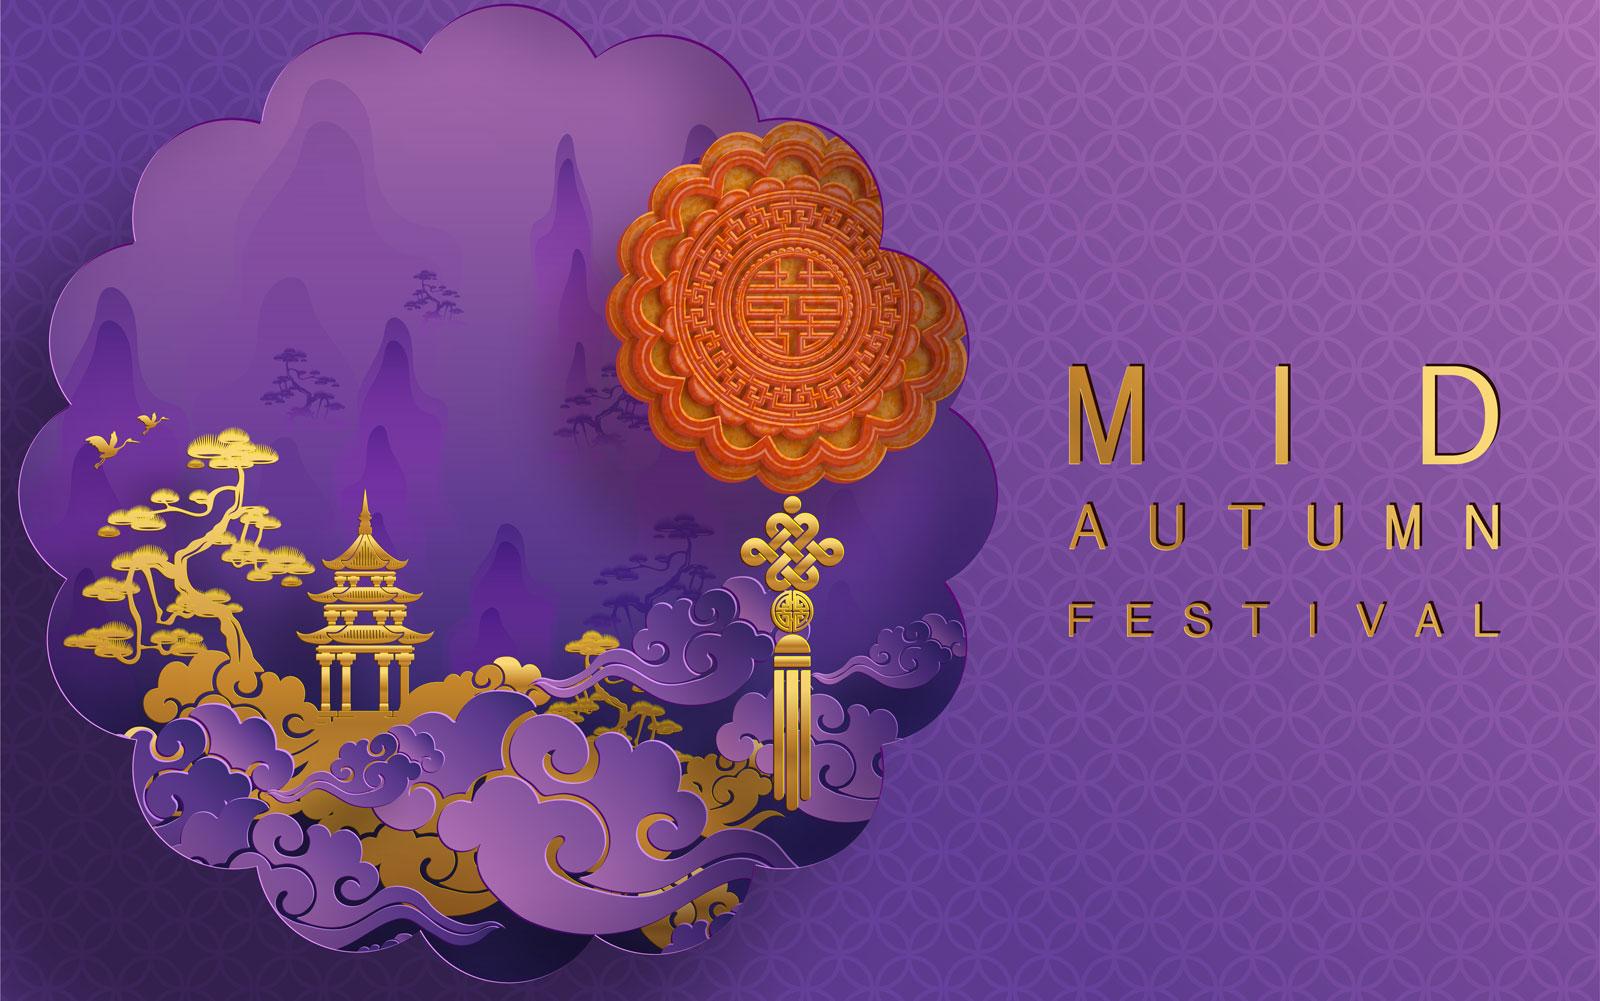 38款中国风中秋节主视觉海报插画AI广告设计素材源文件 Mid Autumn Festival Vector Pattern插图(31)